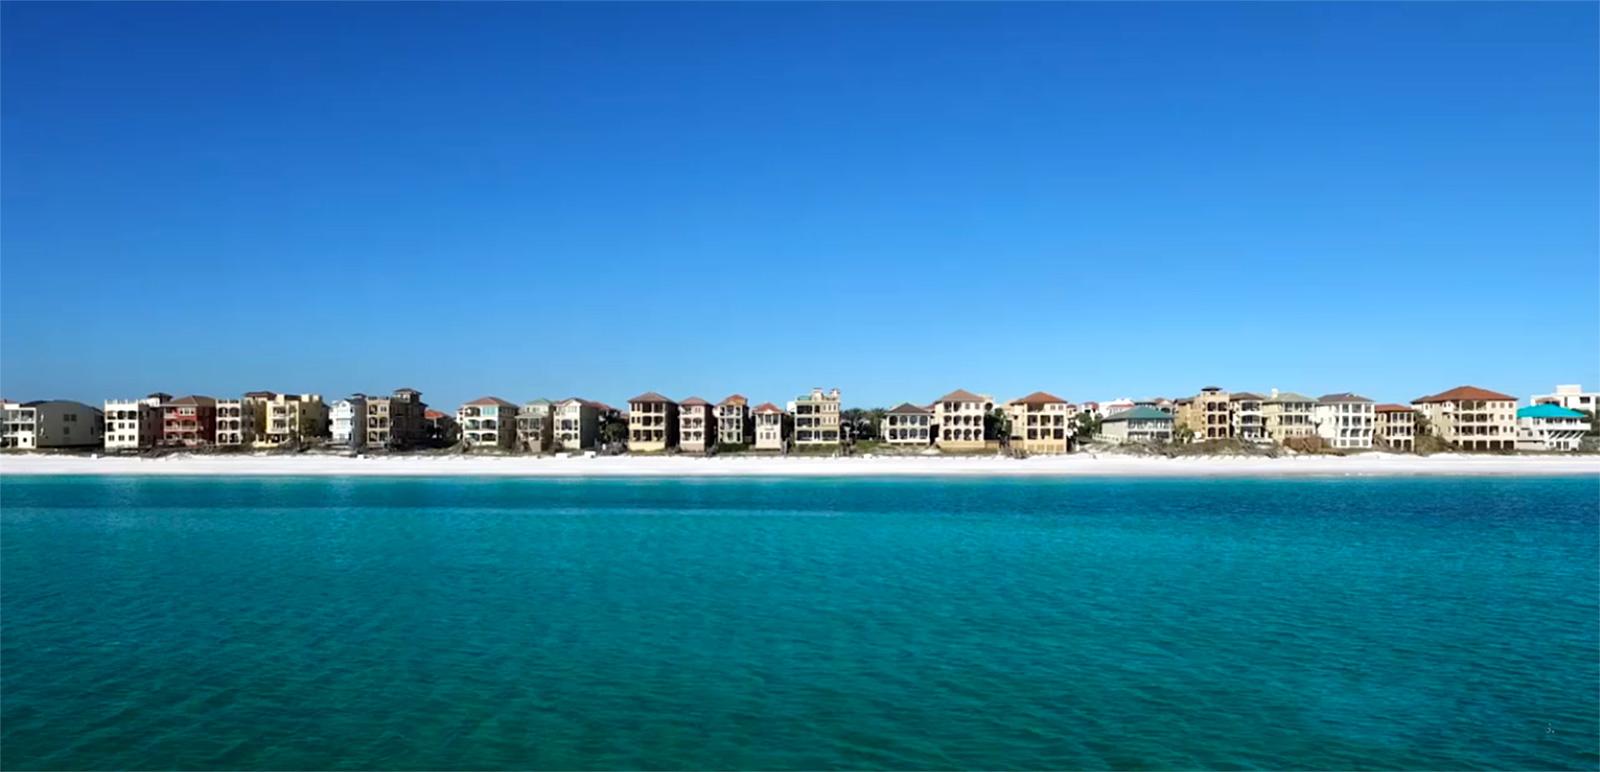 Vacation Rentals in Navarre Beach FL | Navarre Beach Condos